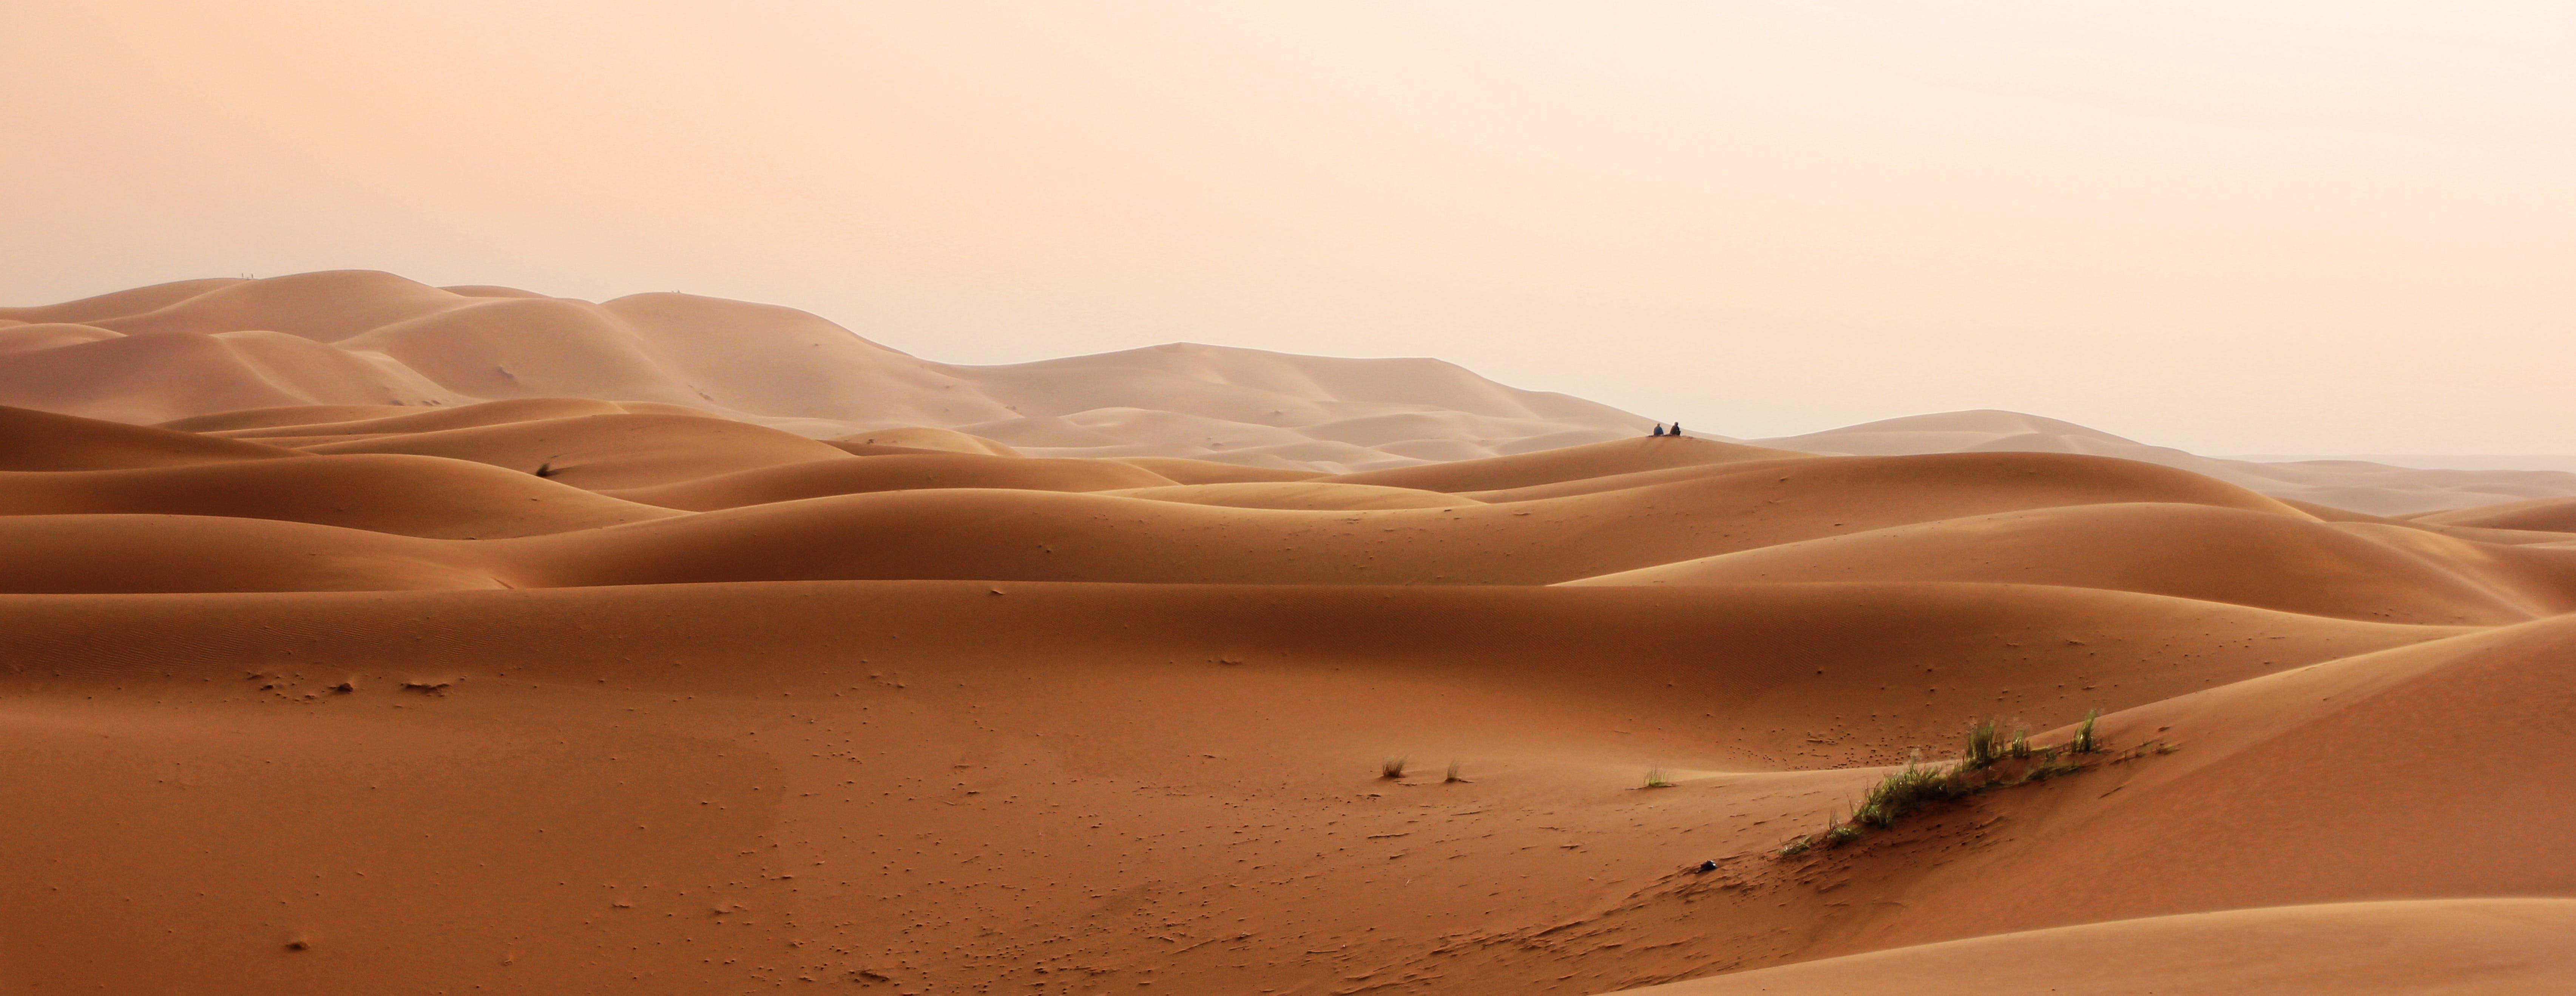 denní světlo, duny, HD tapeta